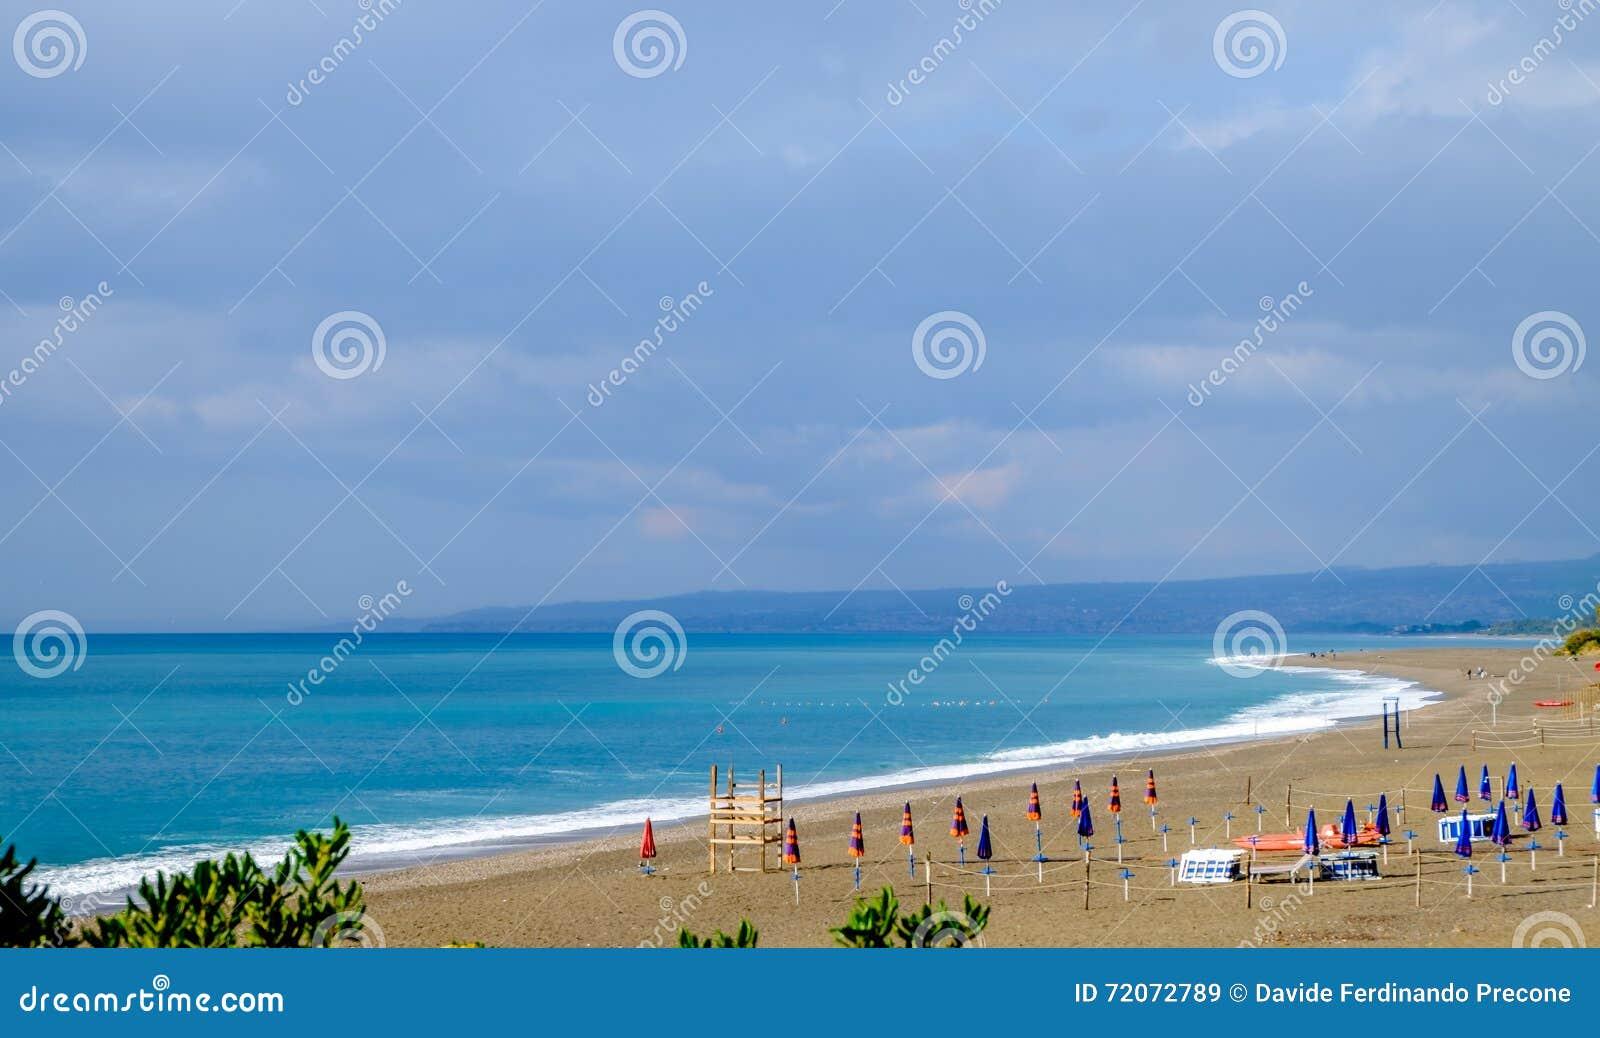 Giardini naxos la spiaggia di san pancrazio pienamente